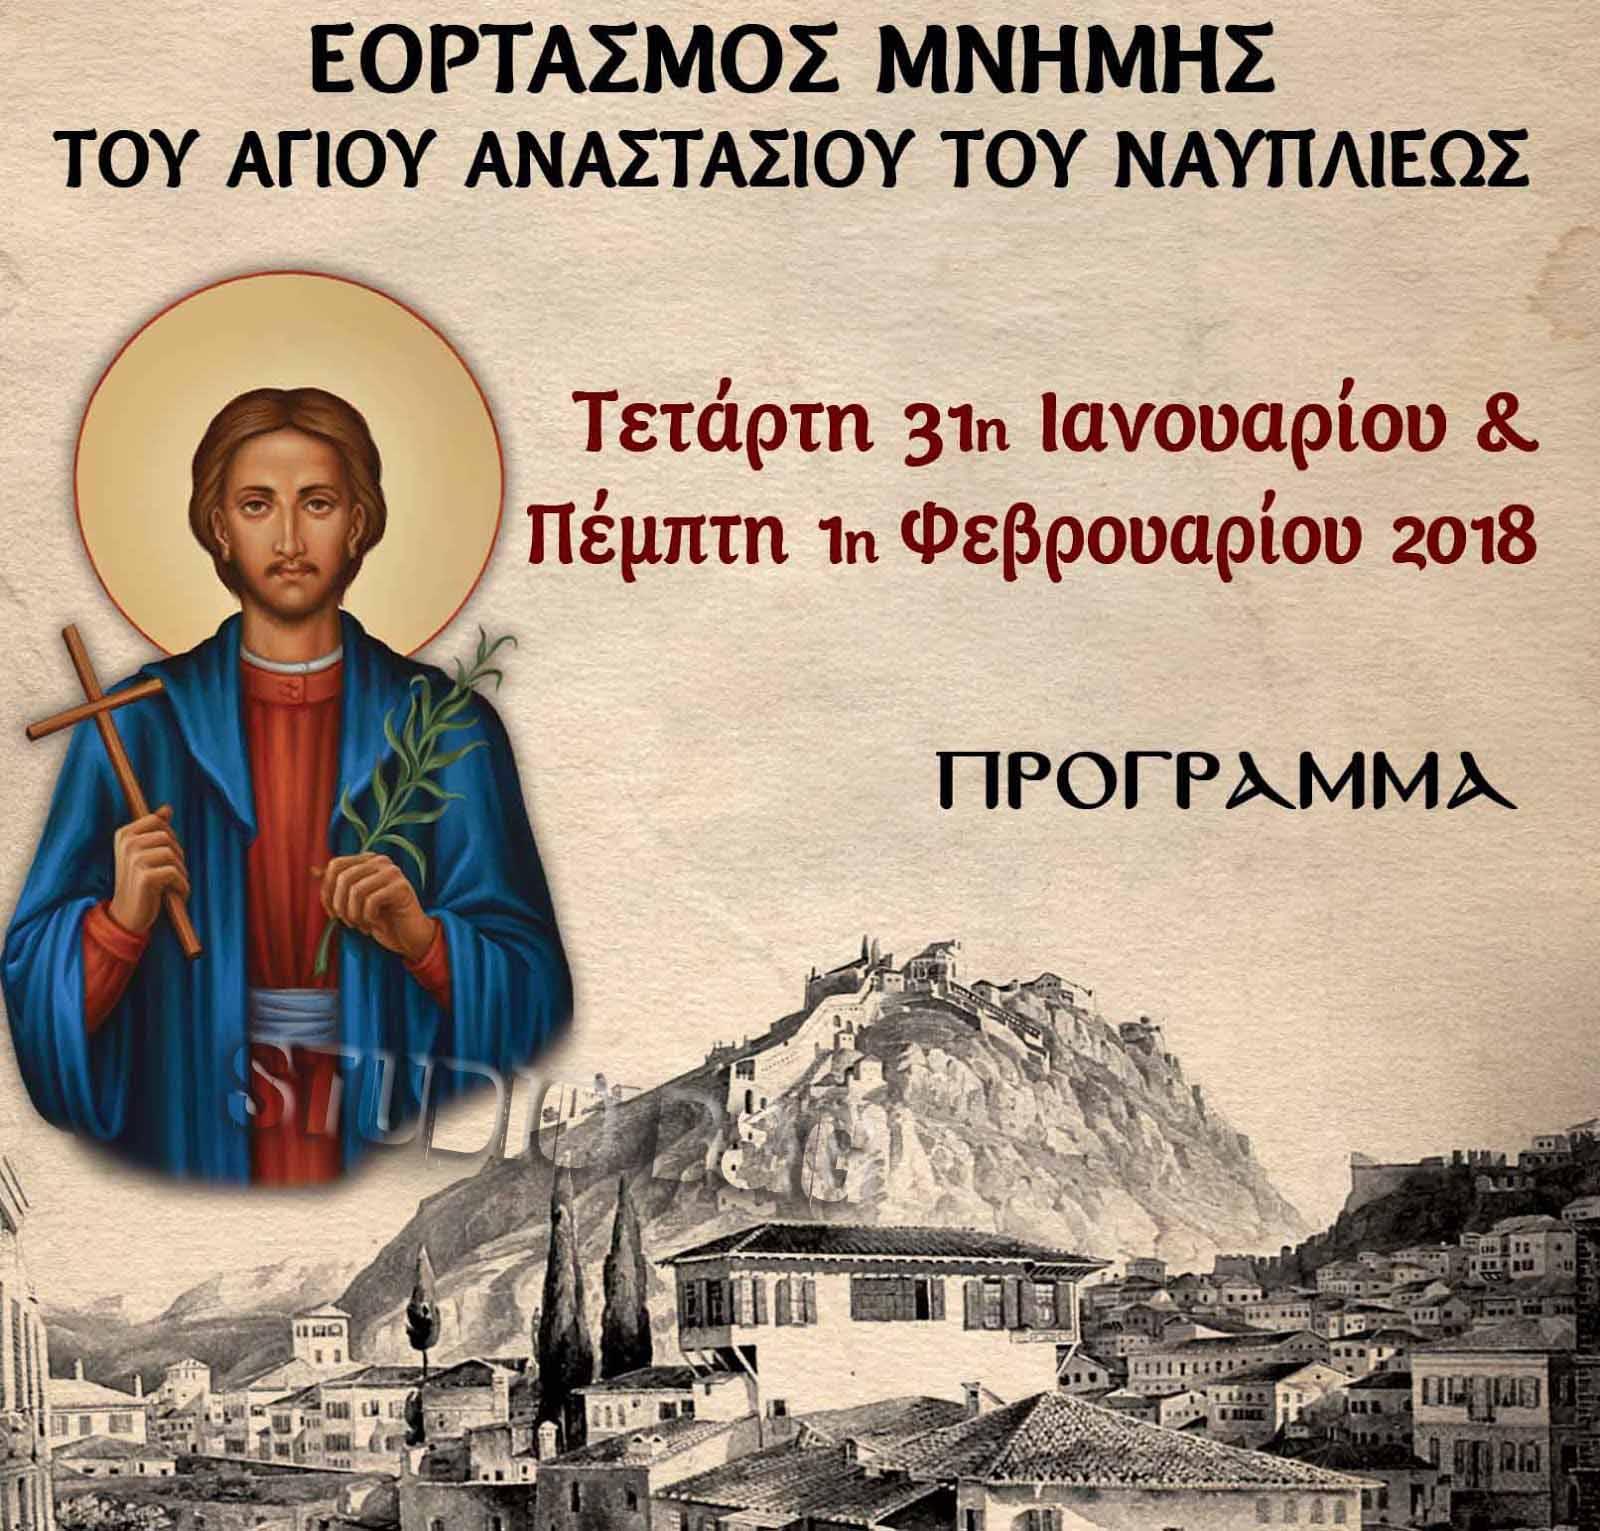 Το Ναύπλιο εορτάζει τον πολιούχο του